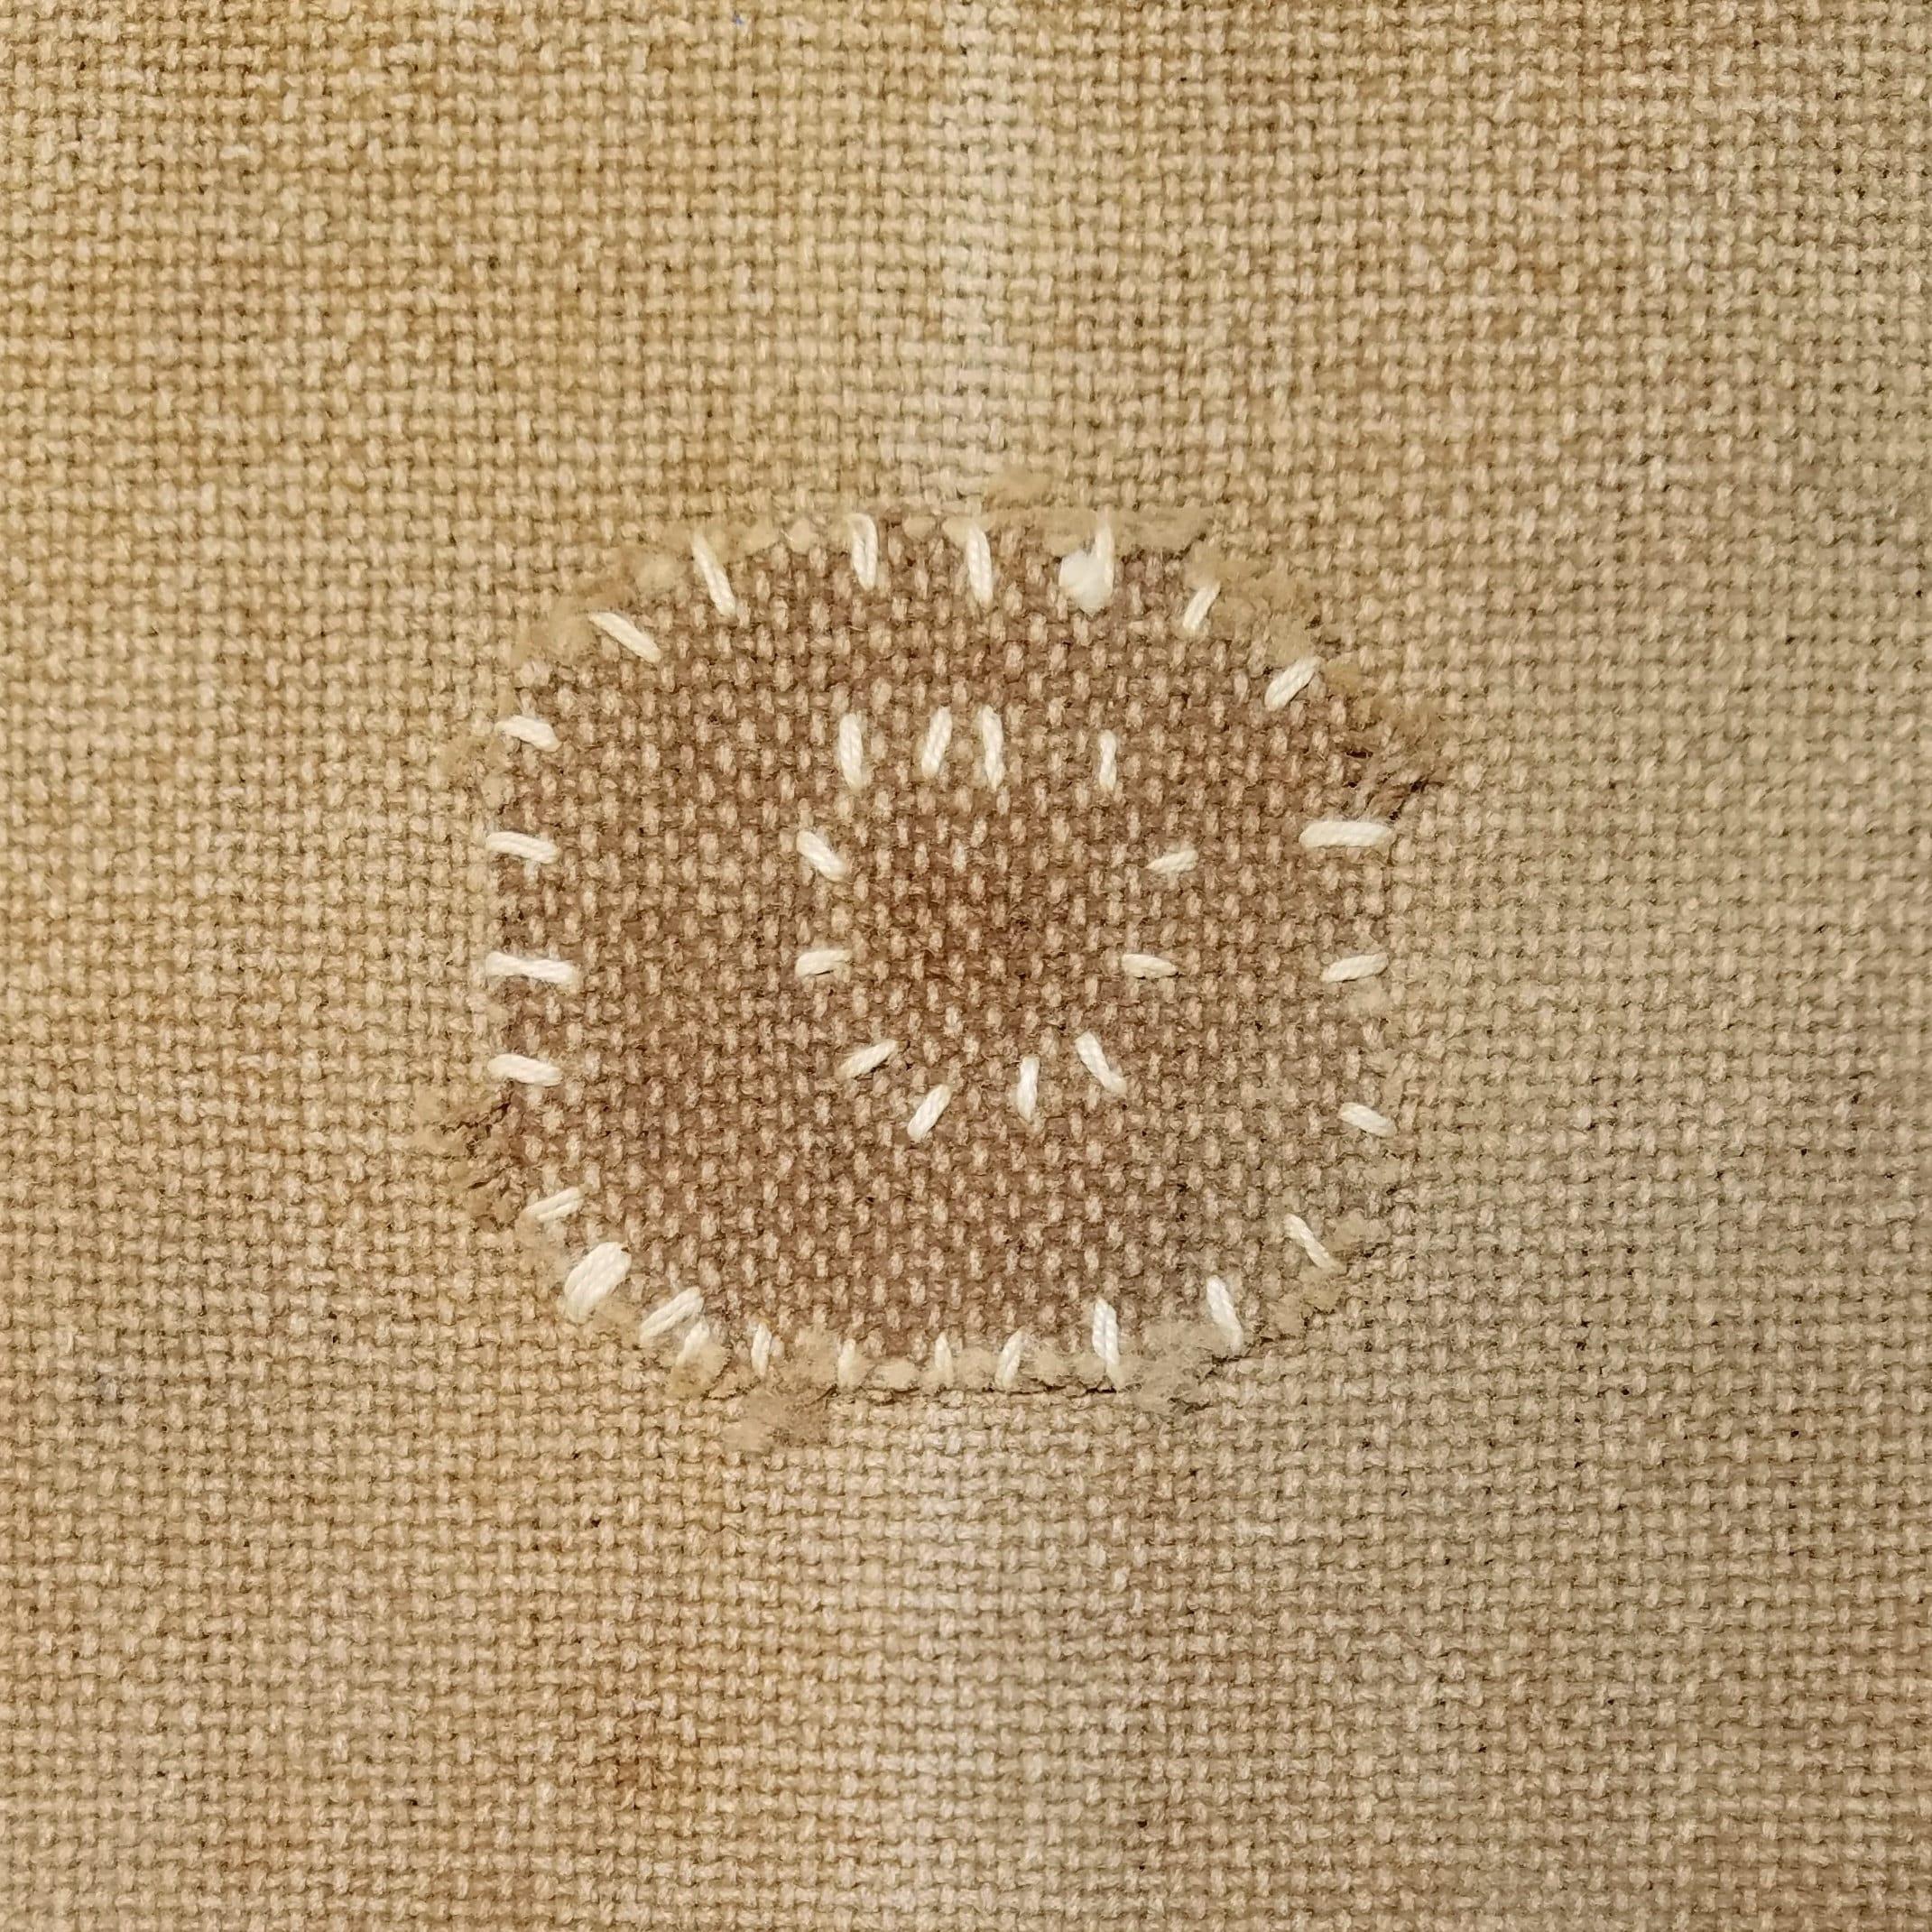 patched sakabukuro